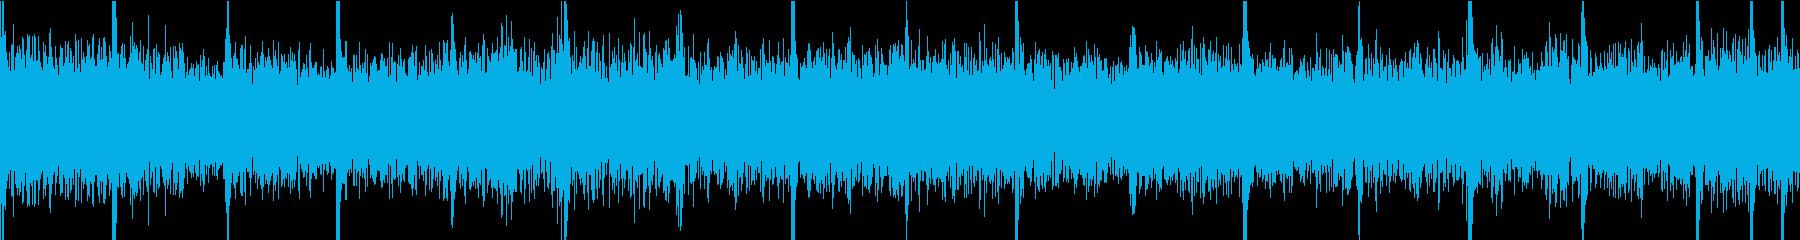 激しいギターの短いハードロック曲の再生済みの波形